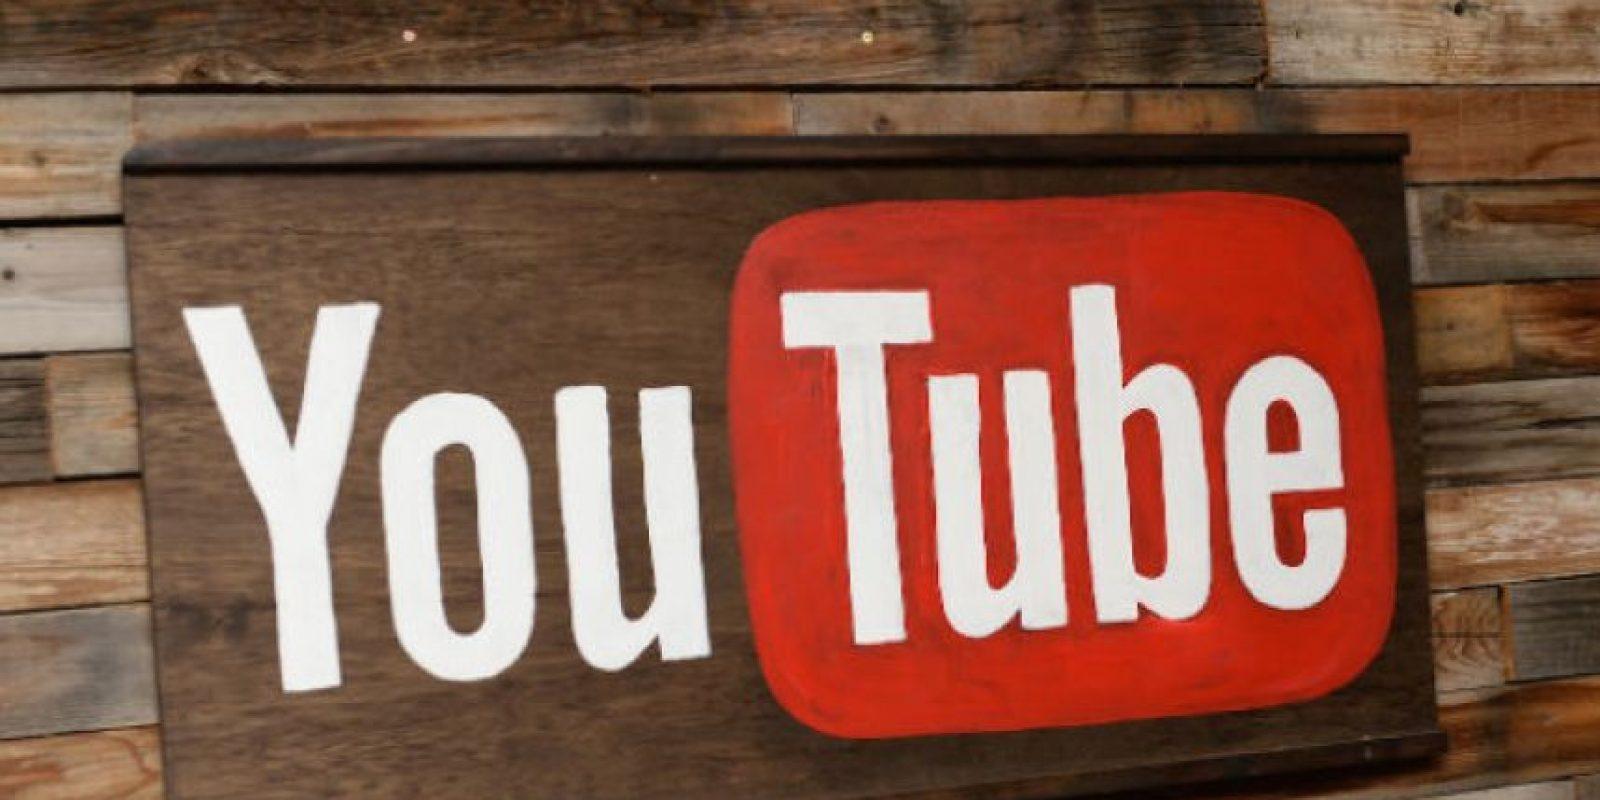 Google pretende ofrecer servicios por cobrar en YouTube. Los medios dicen que tal cosa colocaría a Youtube como rival directo de Netflix y otros servicios de streaming de video. Foto:Getty Images